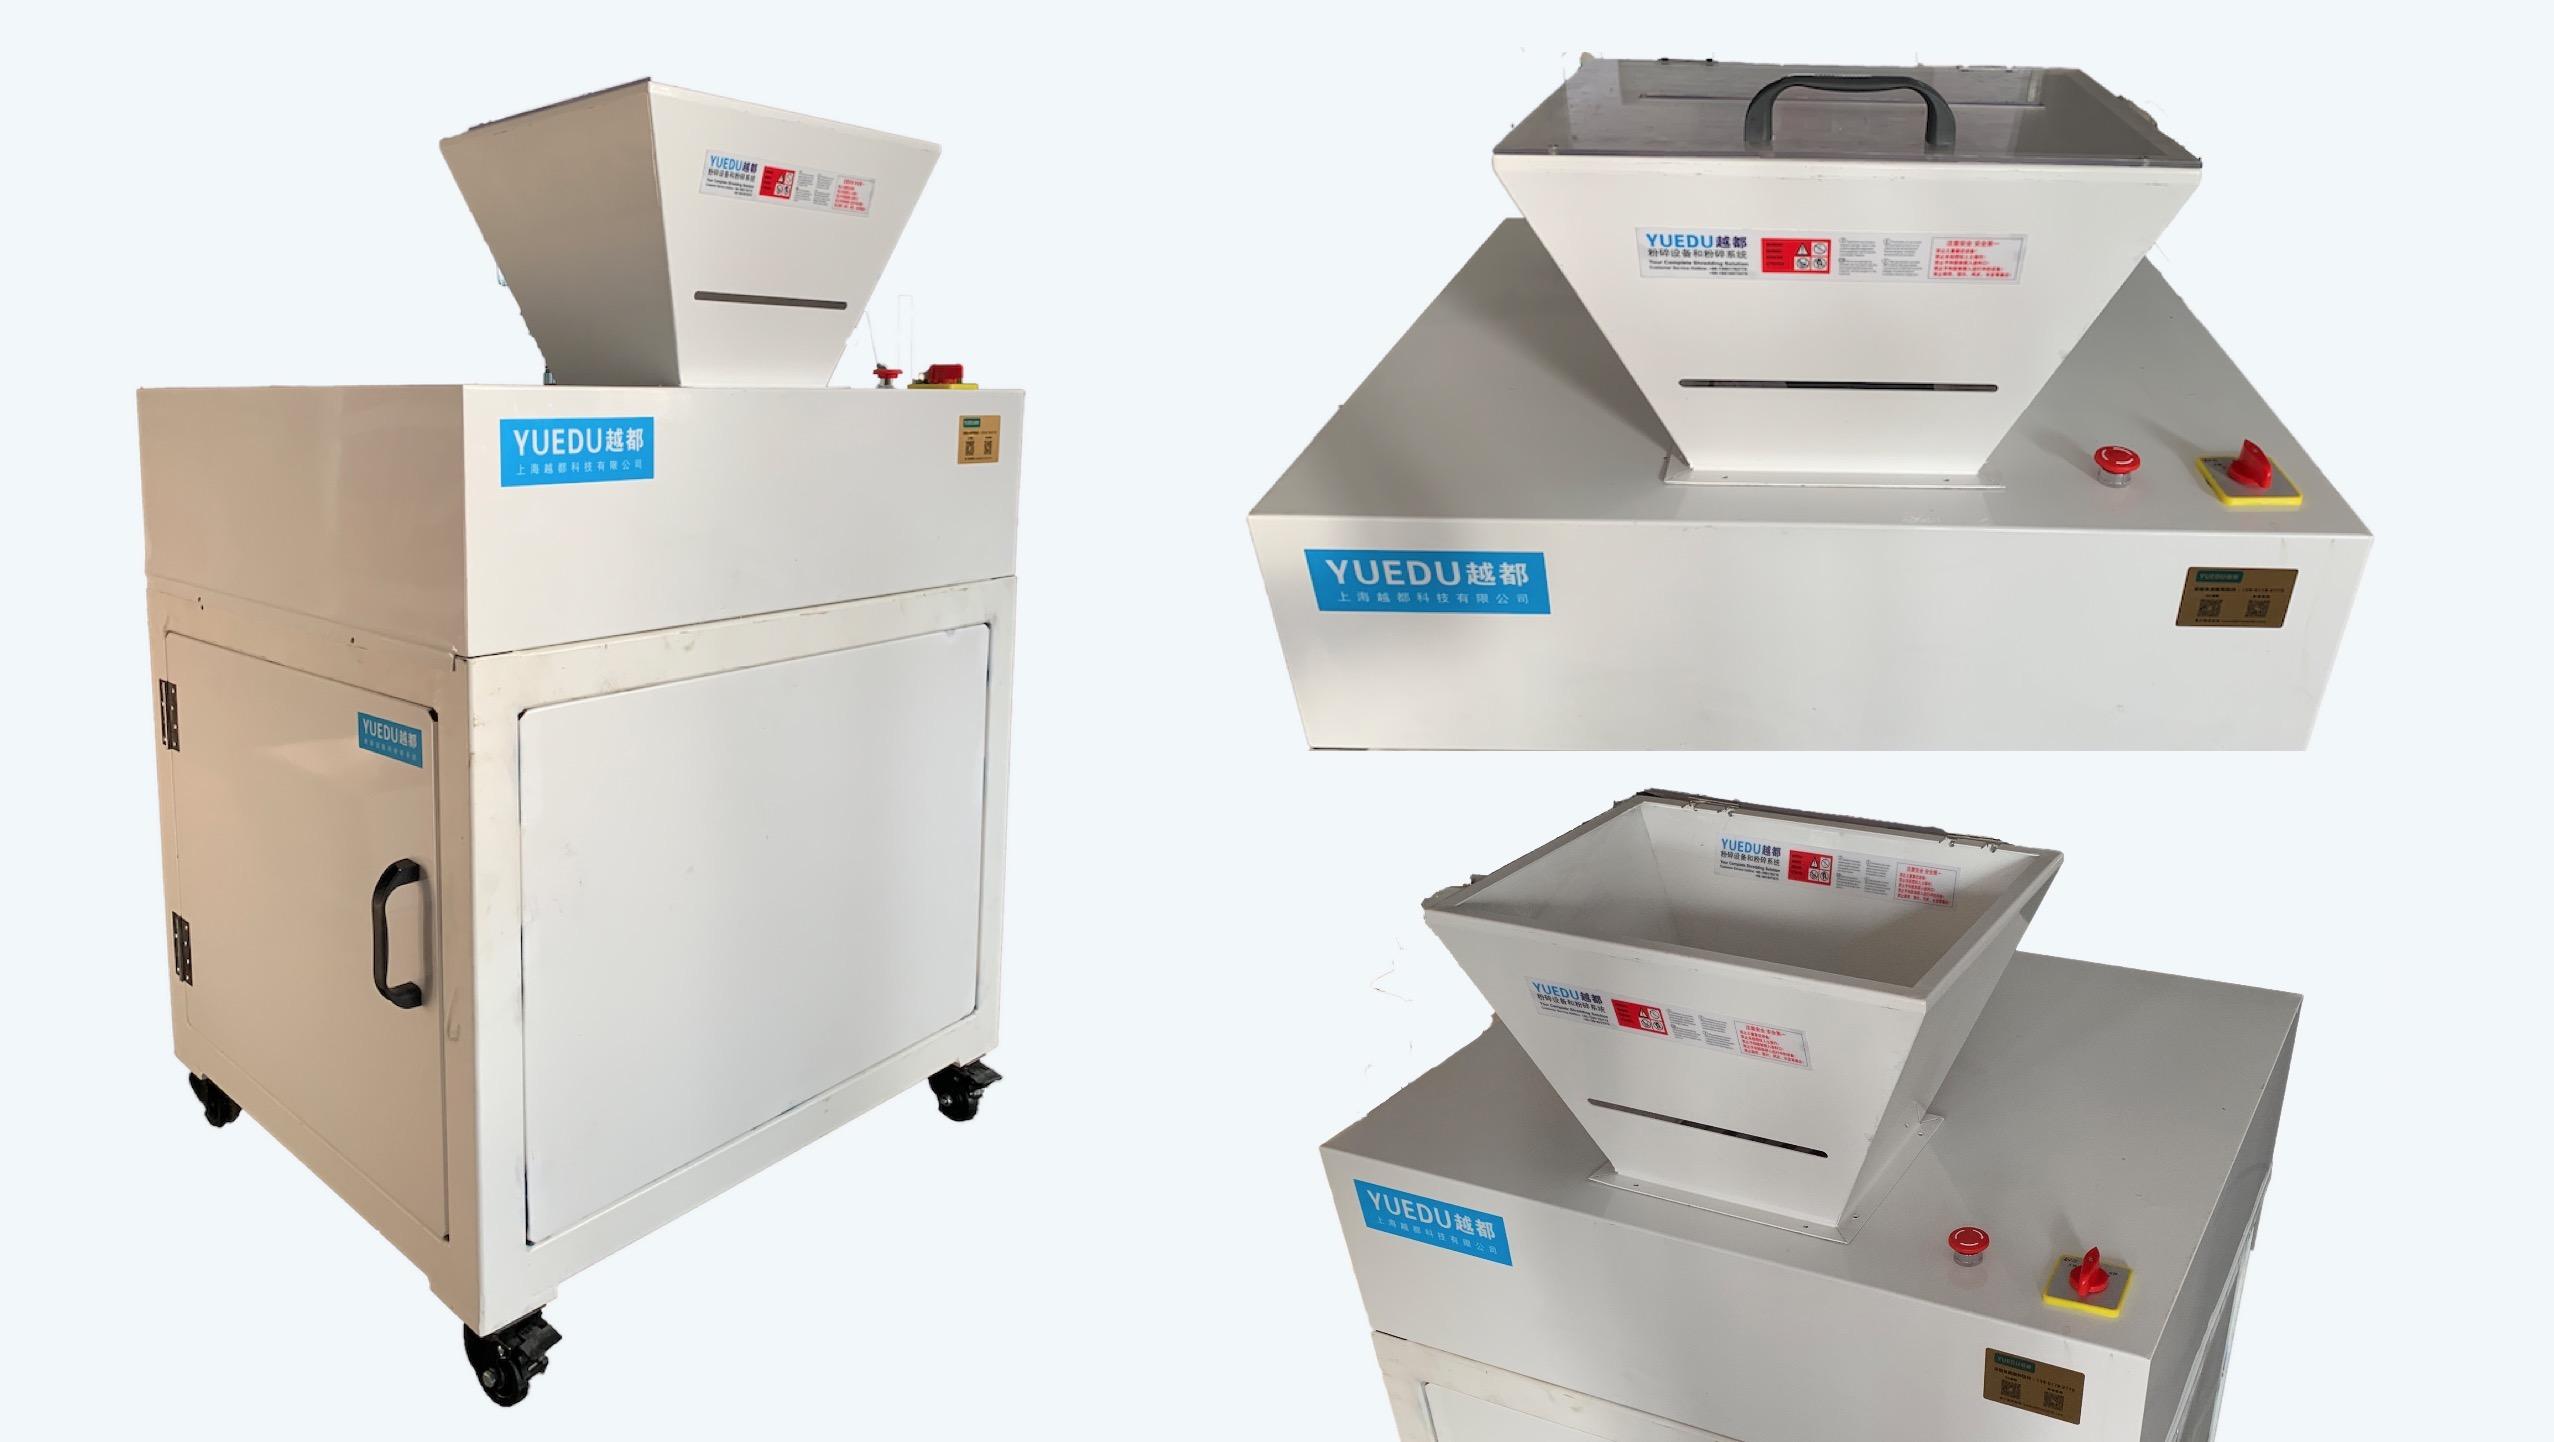 上海越都科技 YD-PSJ300机型大型碎纸机,工业用漏斗式粉碎机